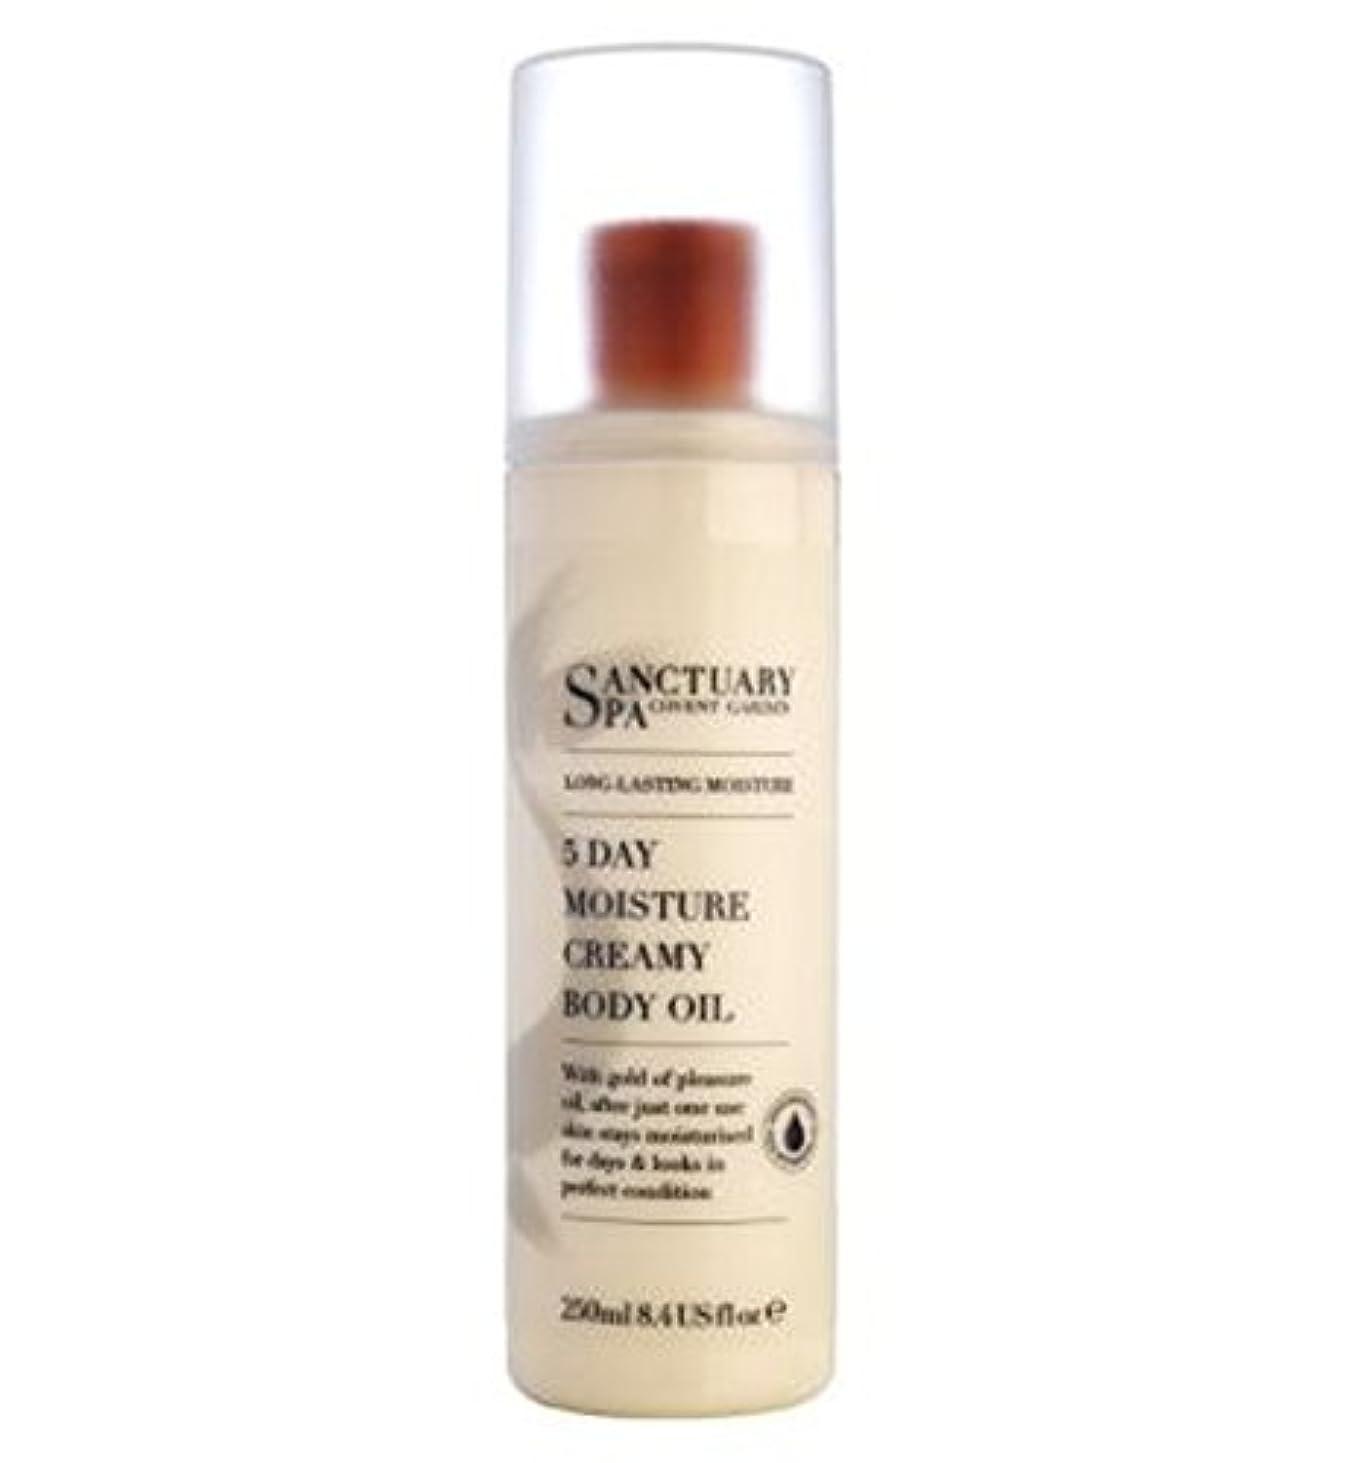 単語公平な隣人Sanctuary Long Lasting Moisture 5 Day Moisture Creamy Body Oil 250ml - 聖域長期的な水分5日間の水分クリーミーボディオイル250ミリリットル (Sanctuary...